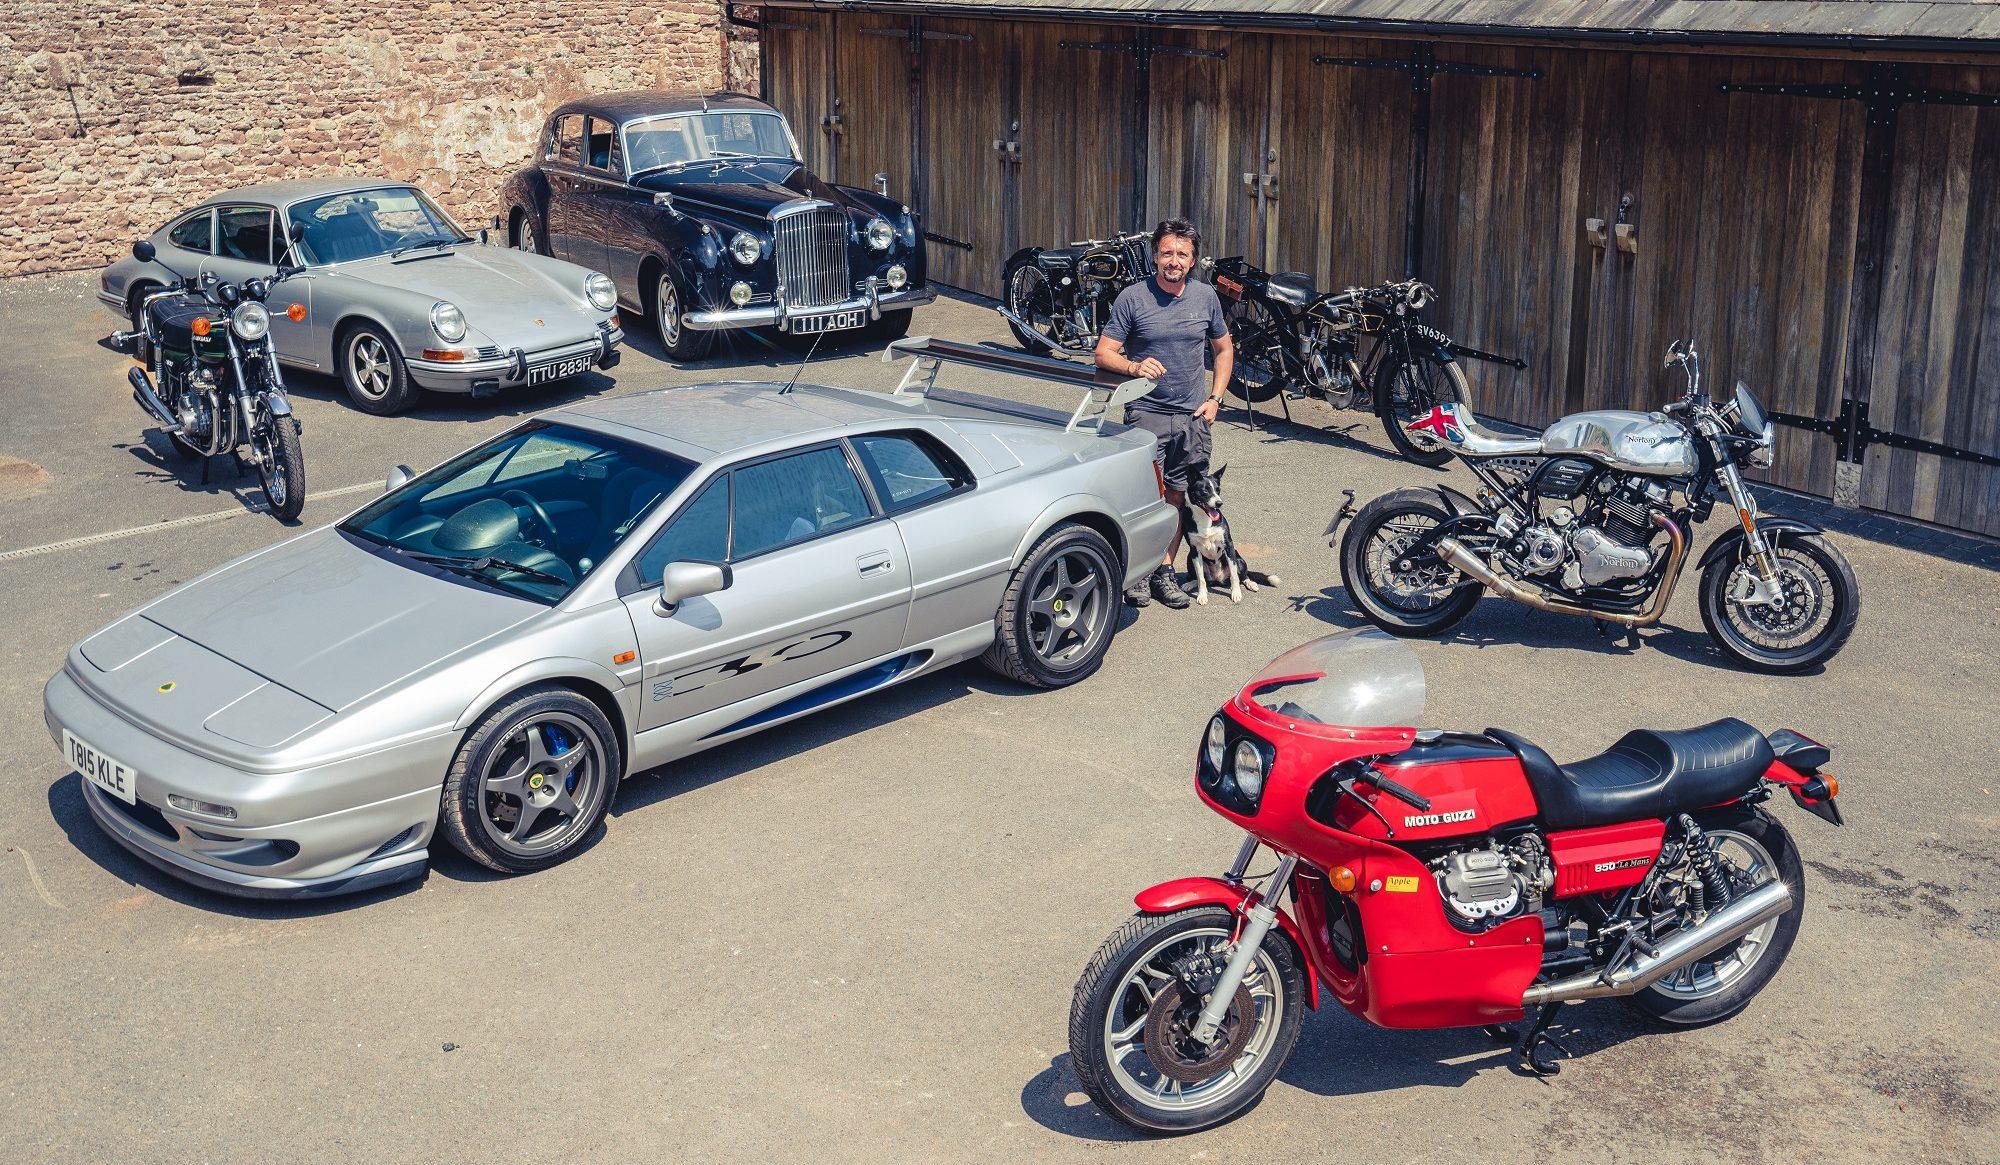 Ведущий Top Gear и The Grand Tour Ричард Хаммонд решил продать восемь машин и мотоциклов.